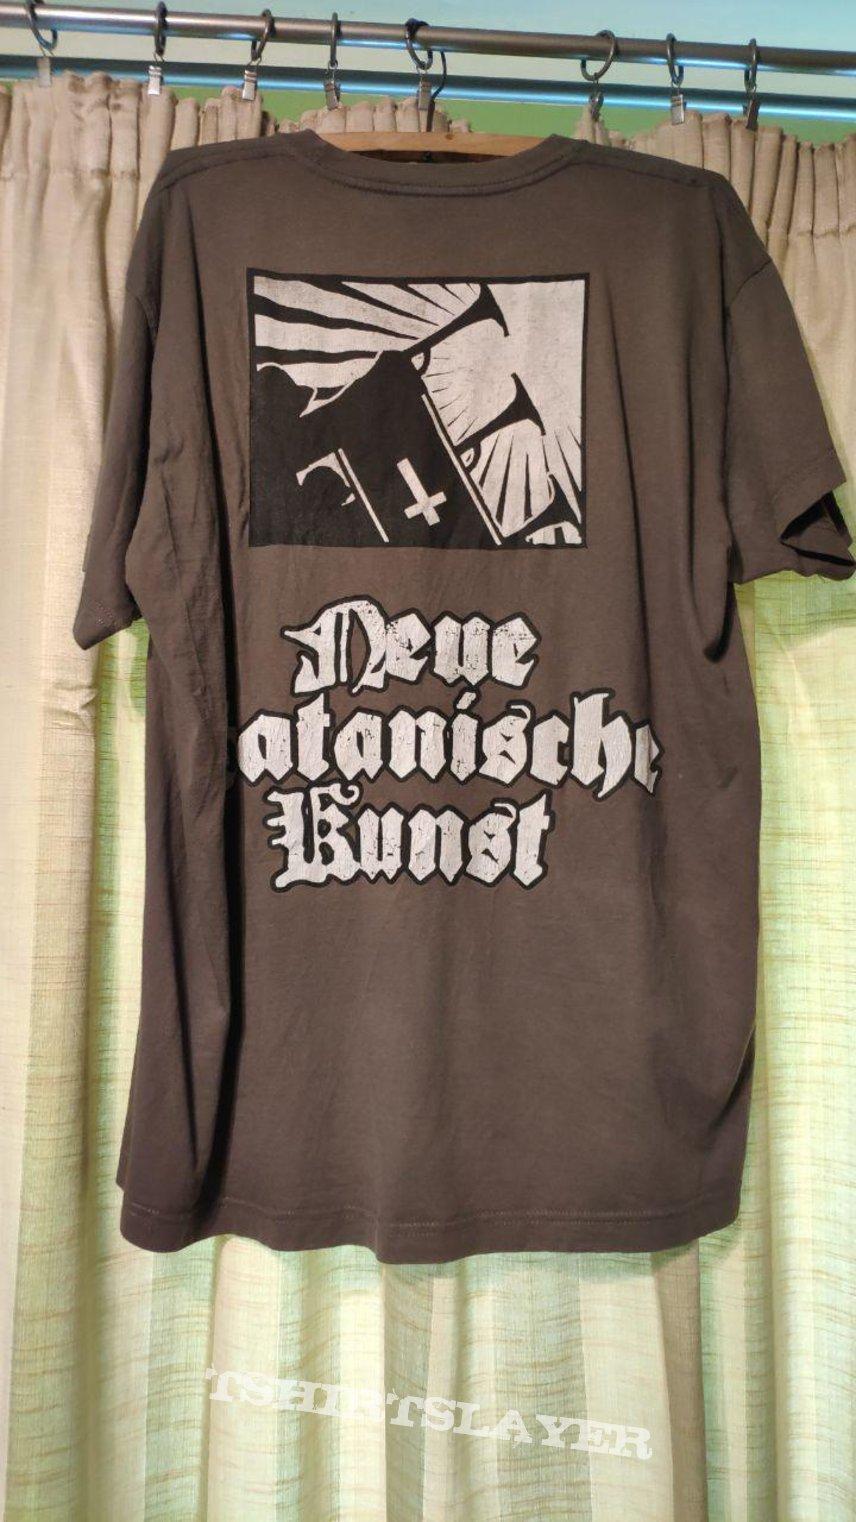 Behemoth - Neue Satanische Kunst XL